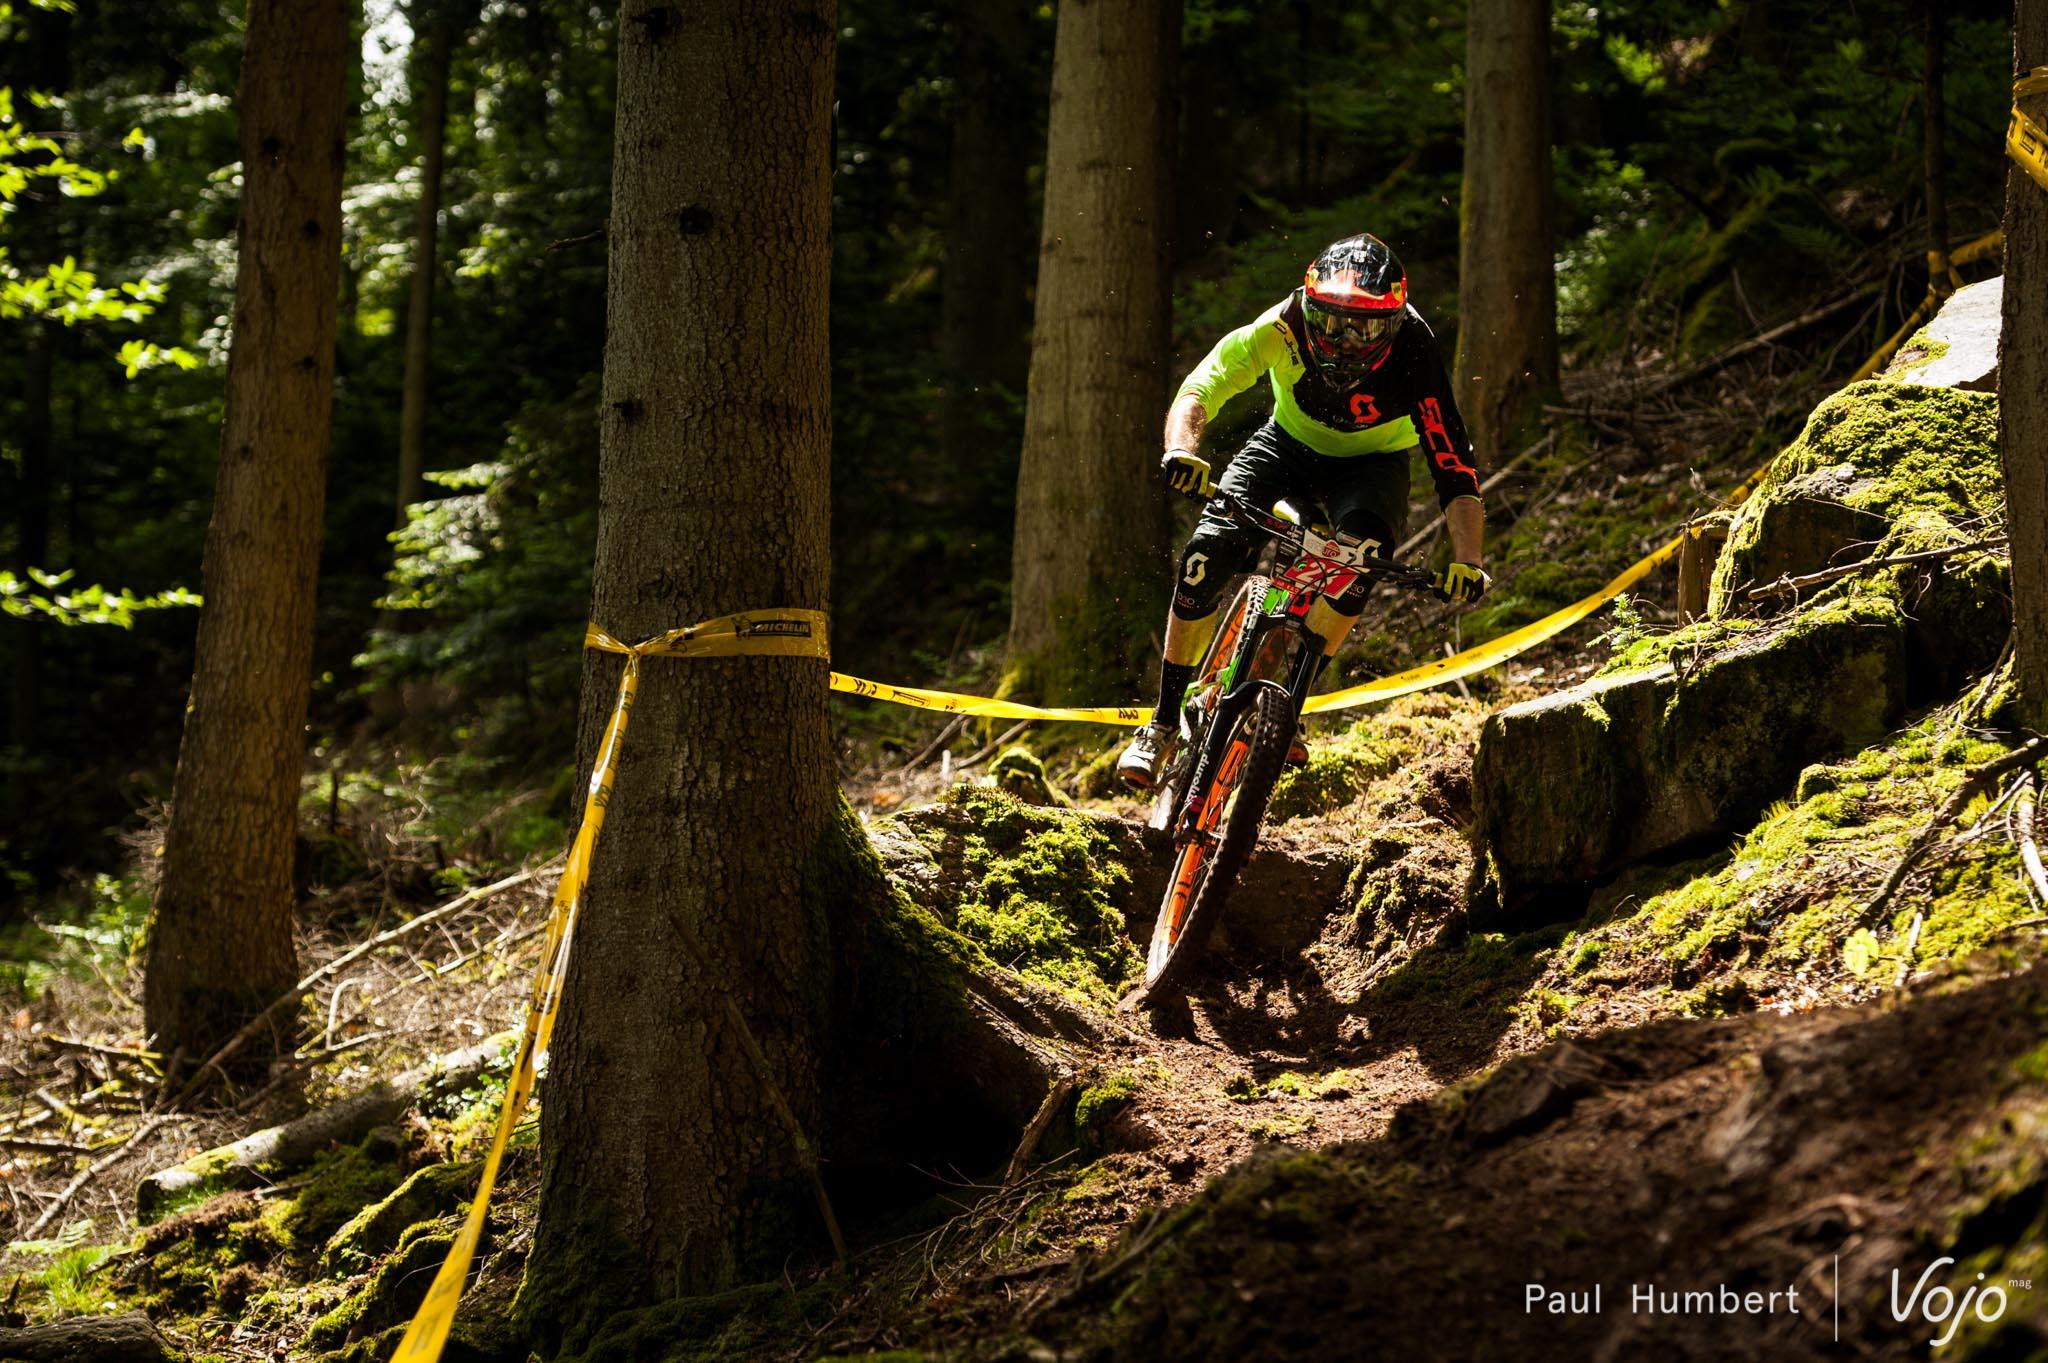 Raon-l-etape-vojo-2016-paul-humbert-8